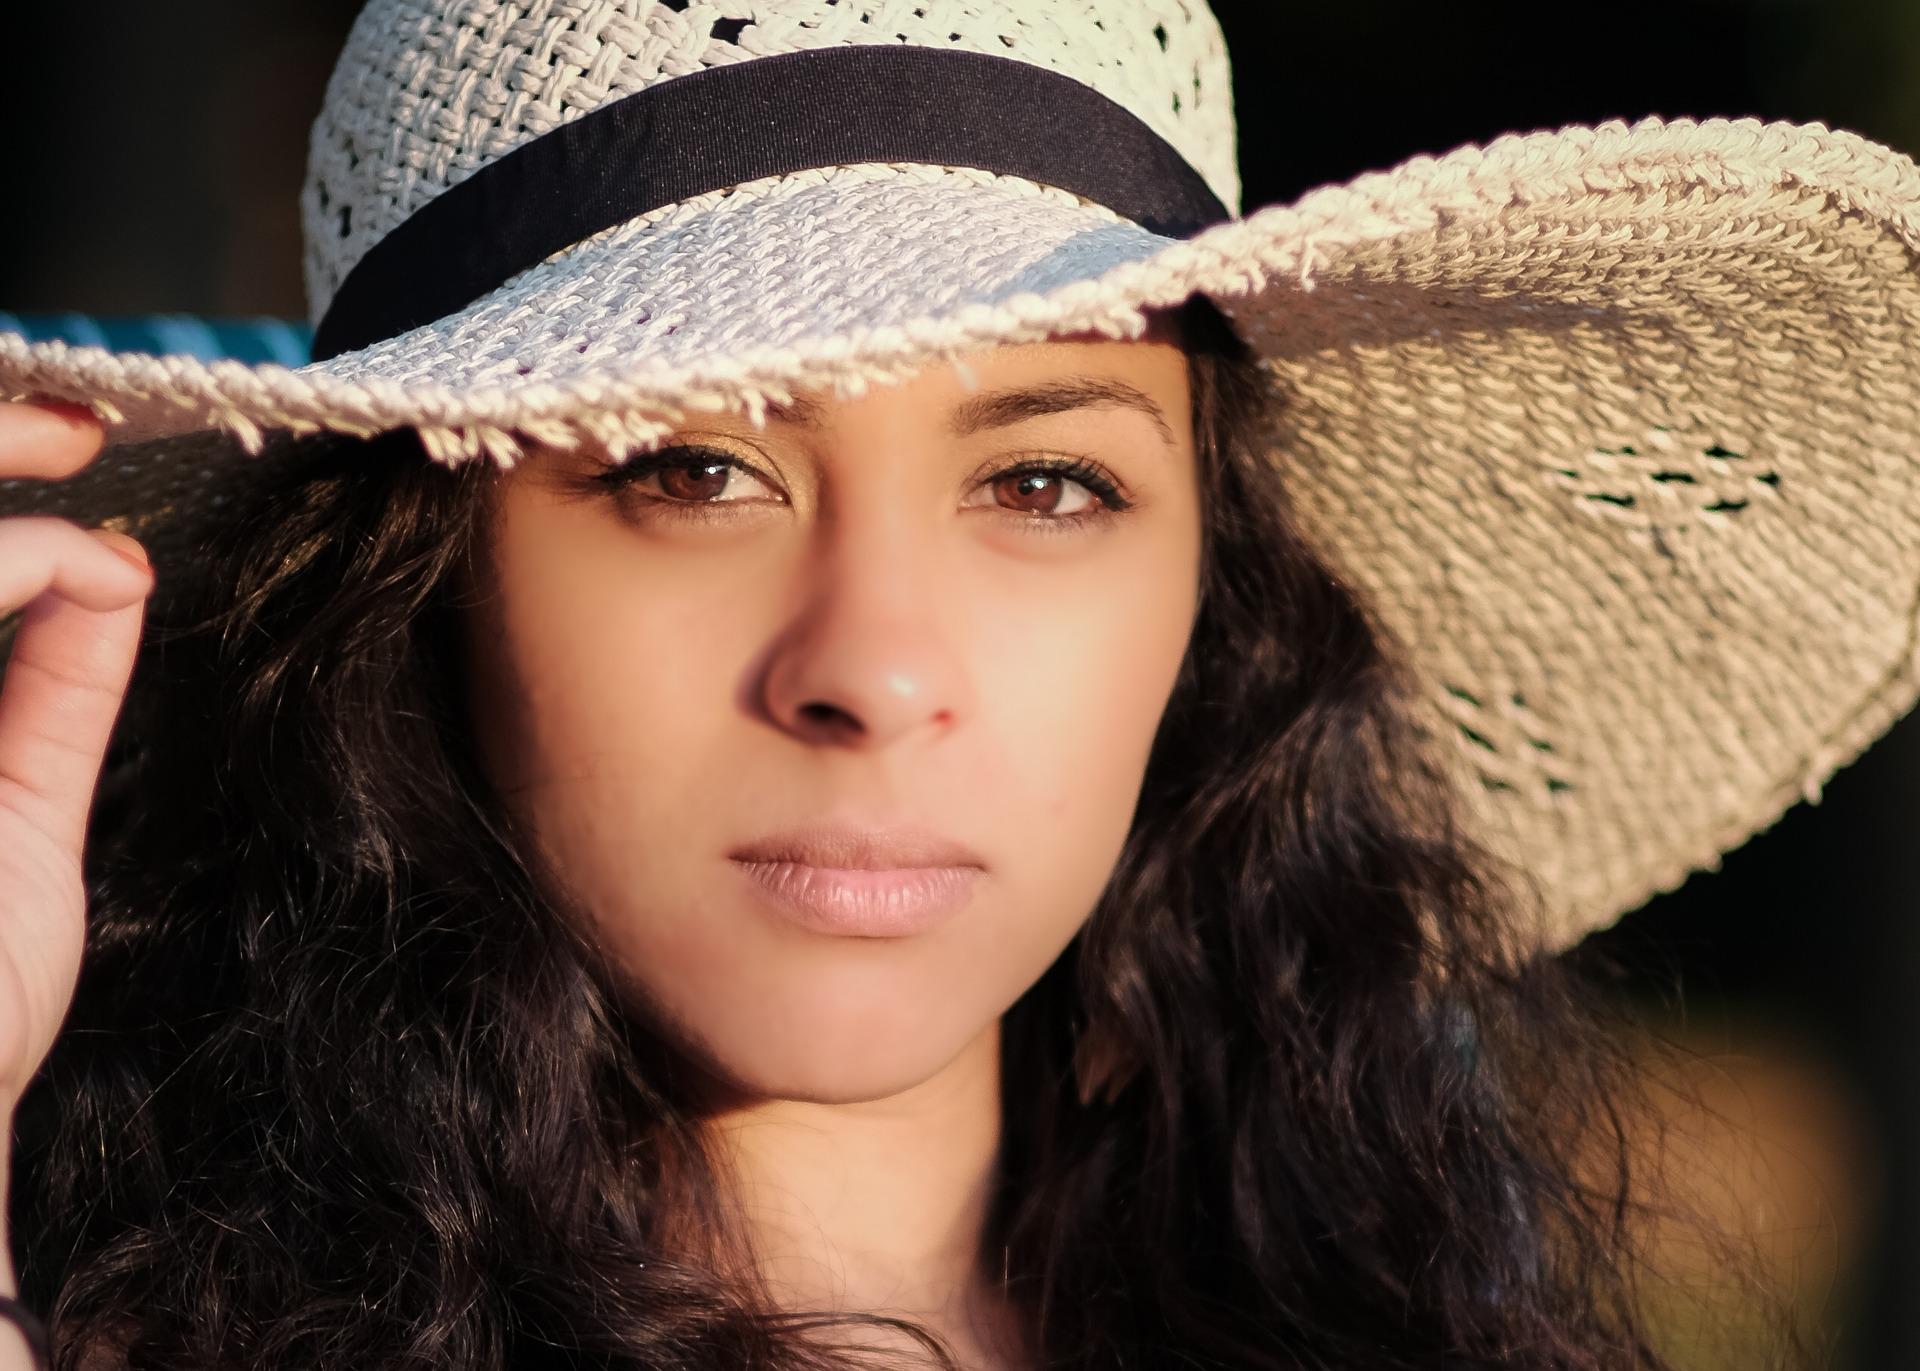 Dziewczyna w kapeluszu, Pexels, pixabay.com